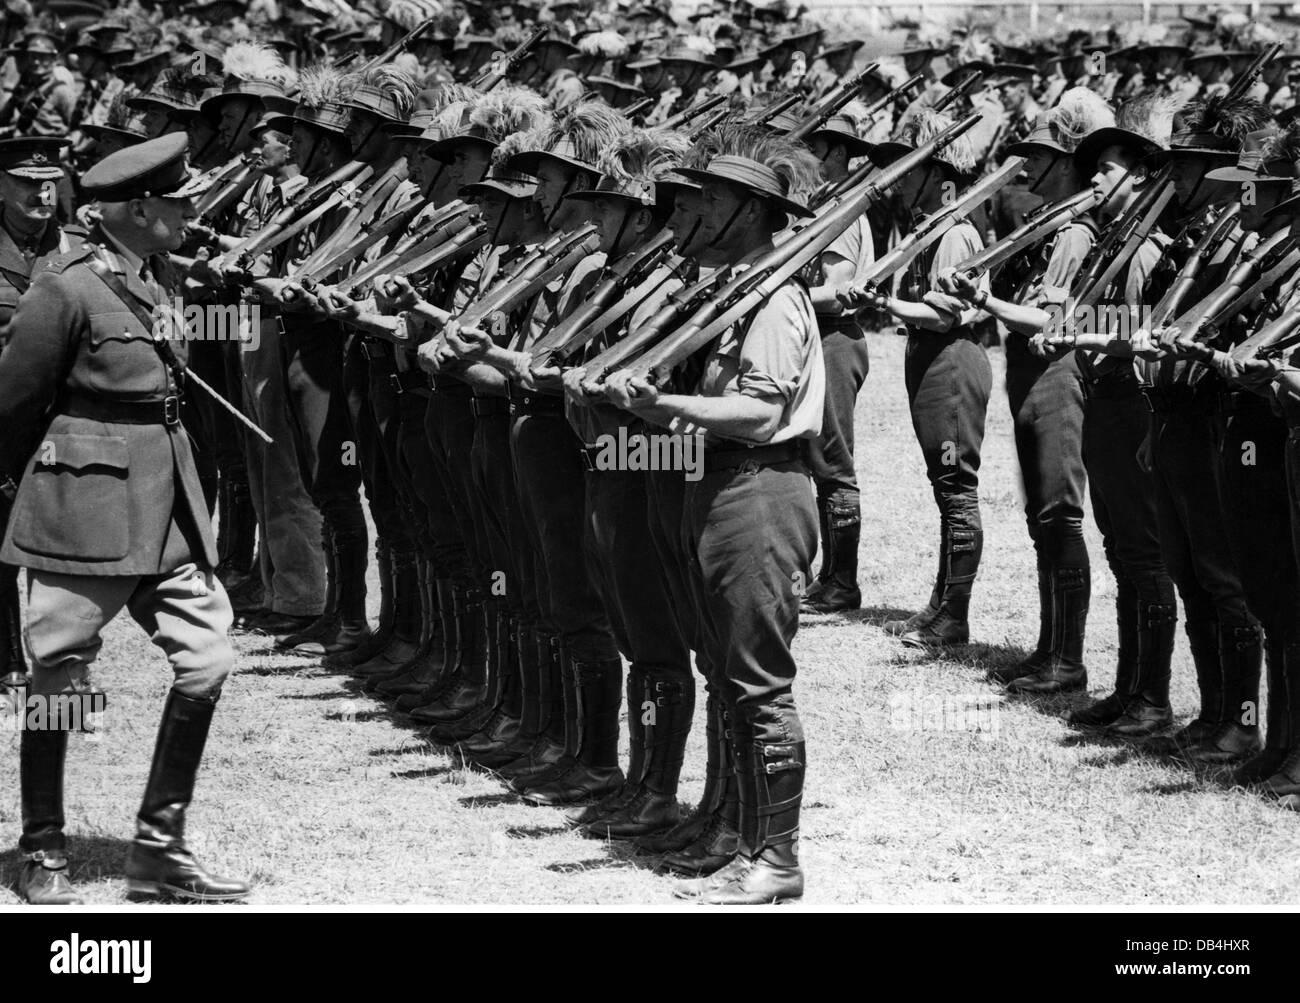 Militär datiert australia